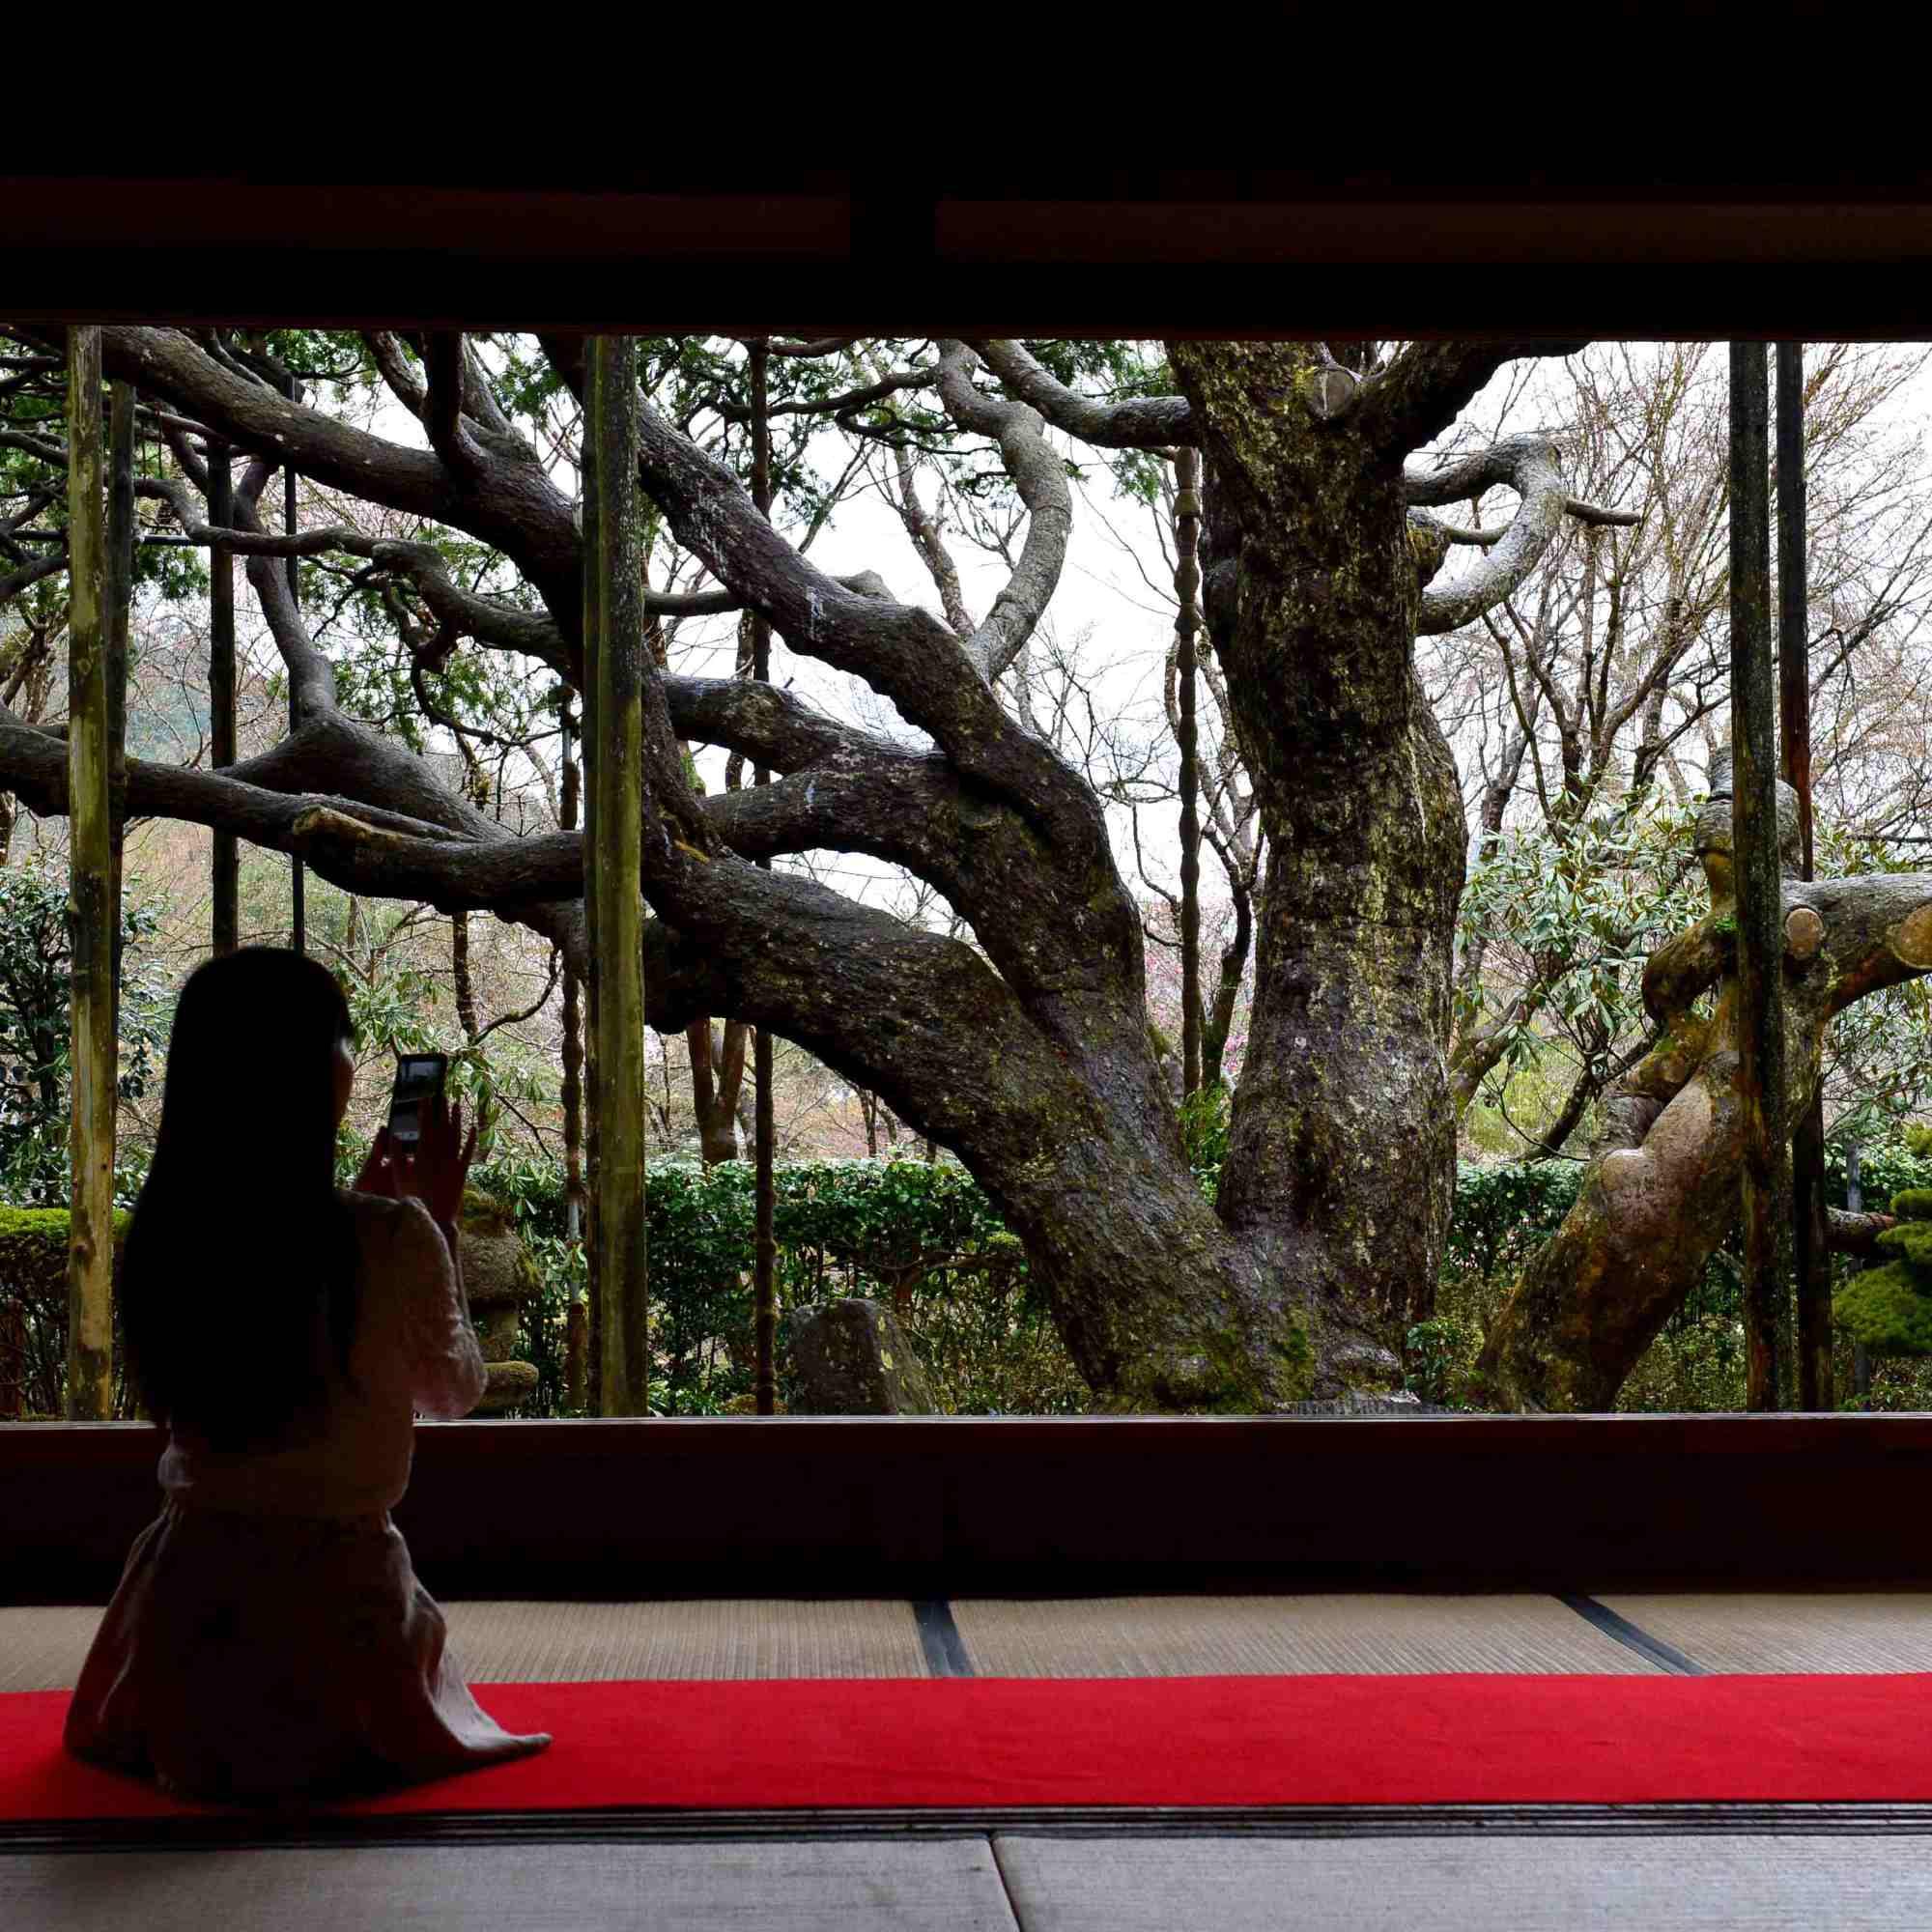 「額縁庭園」に構える五葉の松(拝観料は別料金)